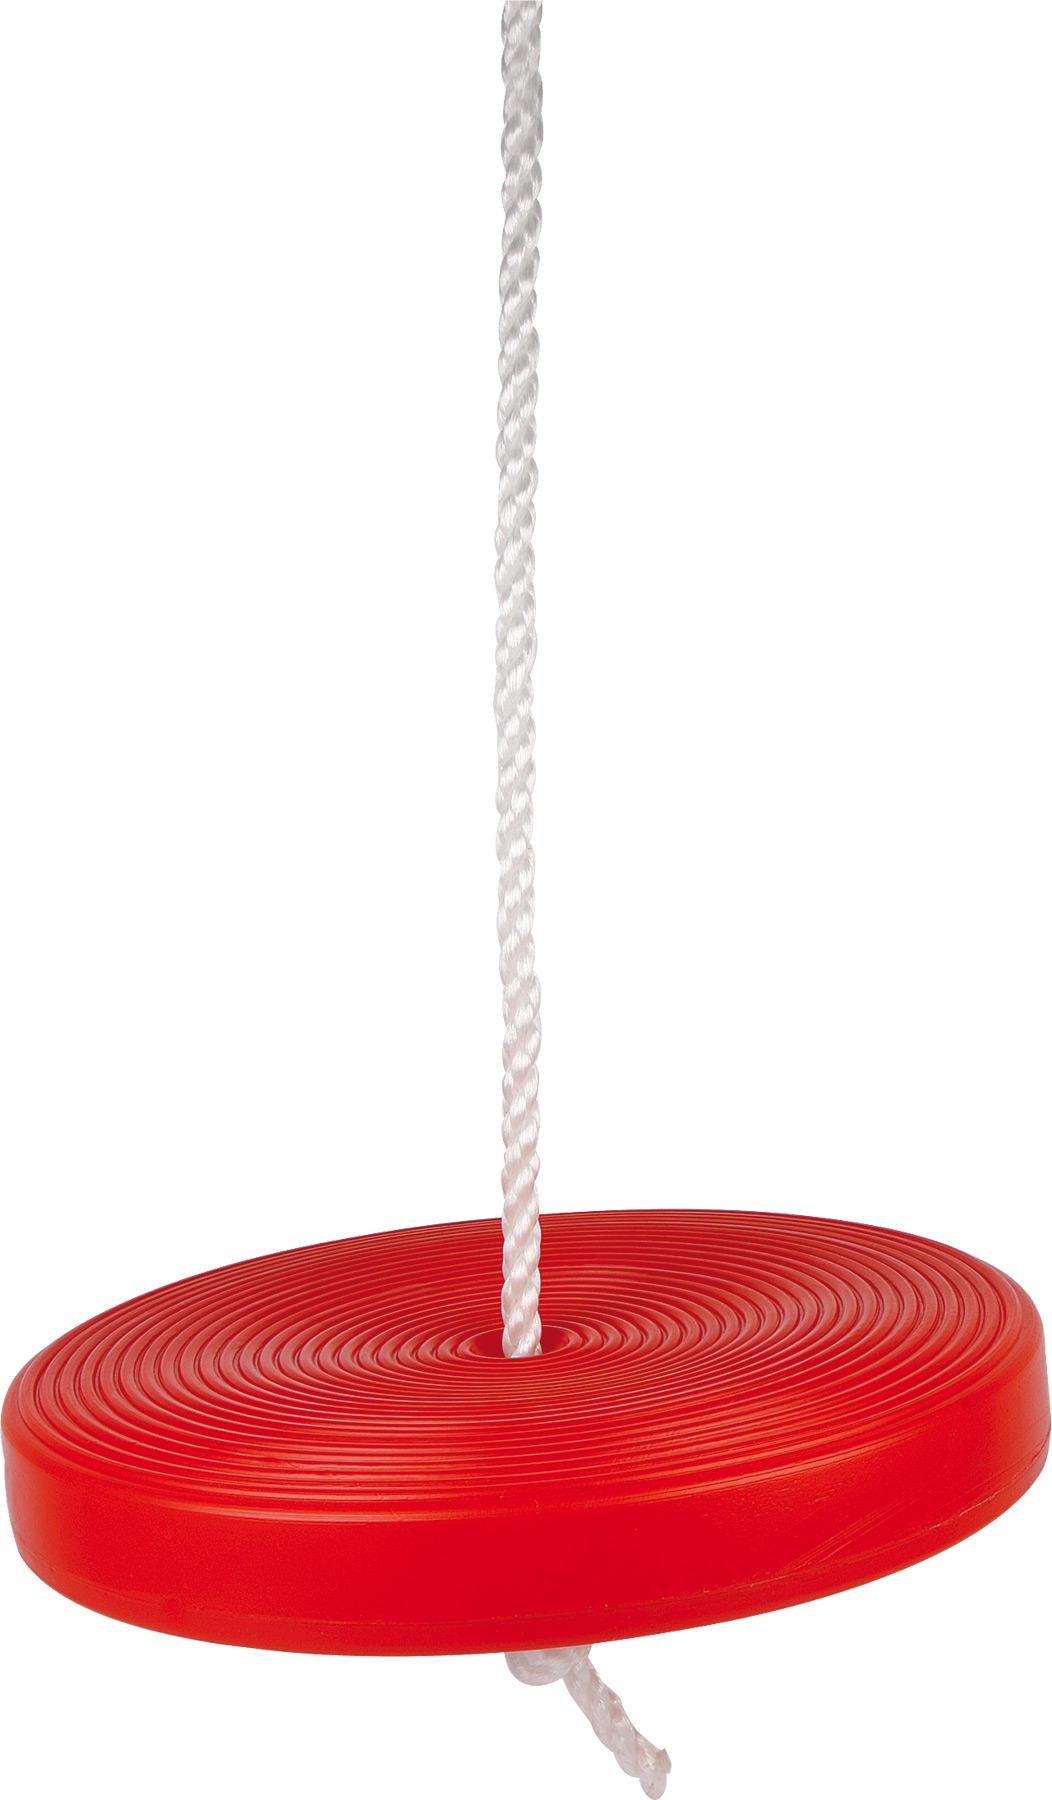 Plastová houpačka Swift červená